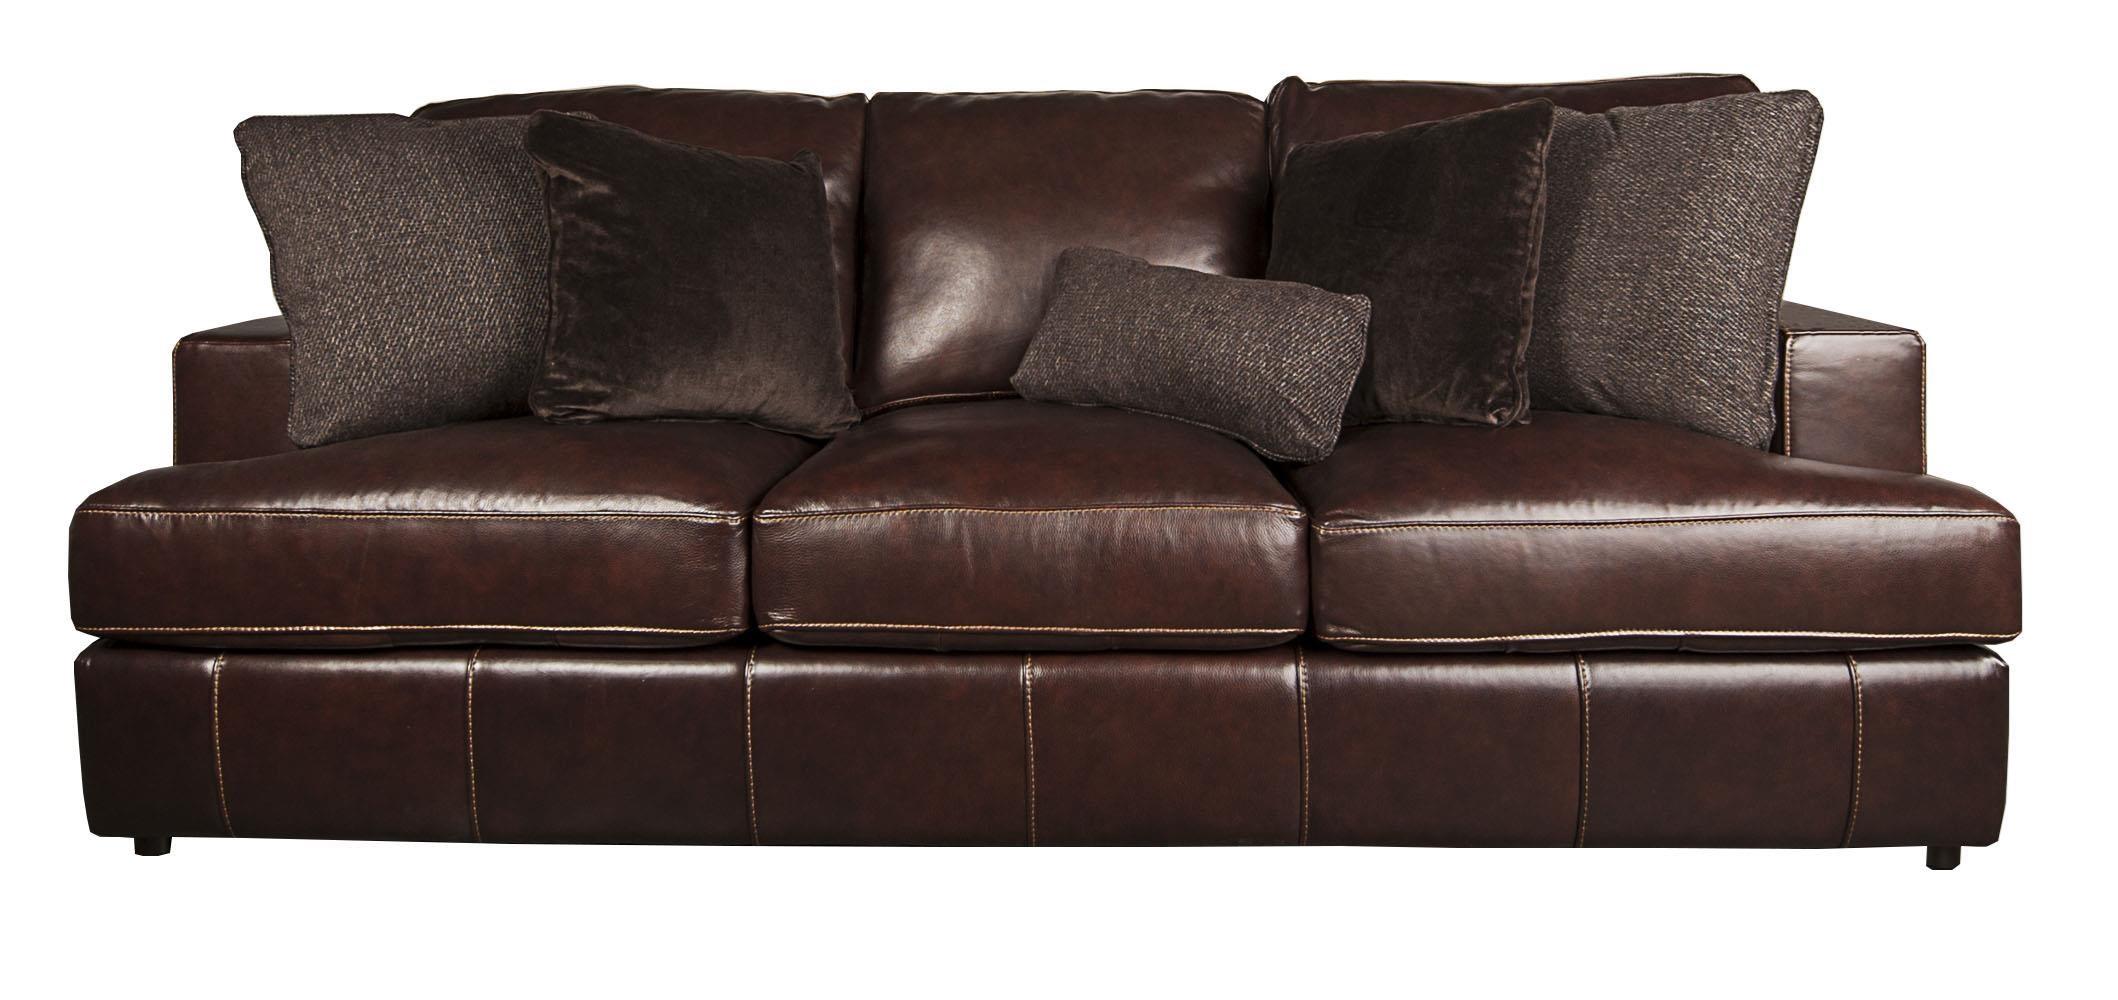 Bernhardt Winslow 100% Leather Sofa Morris Home Sofas